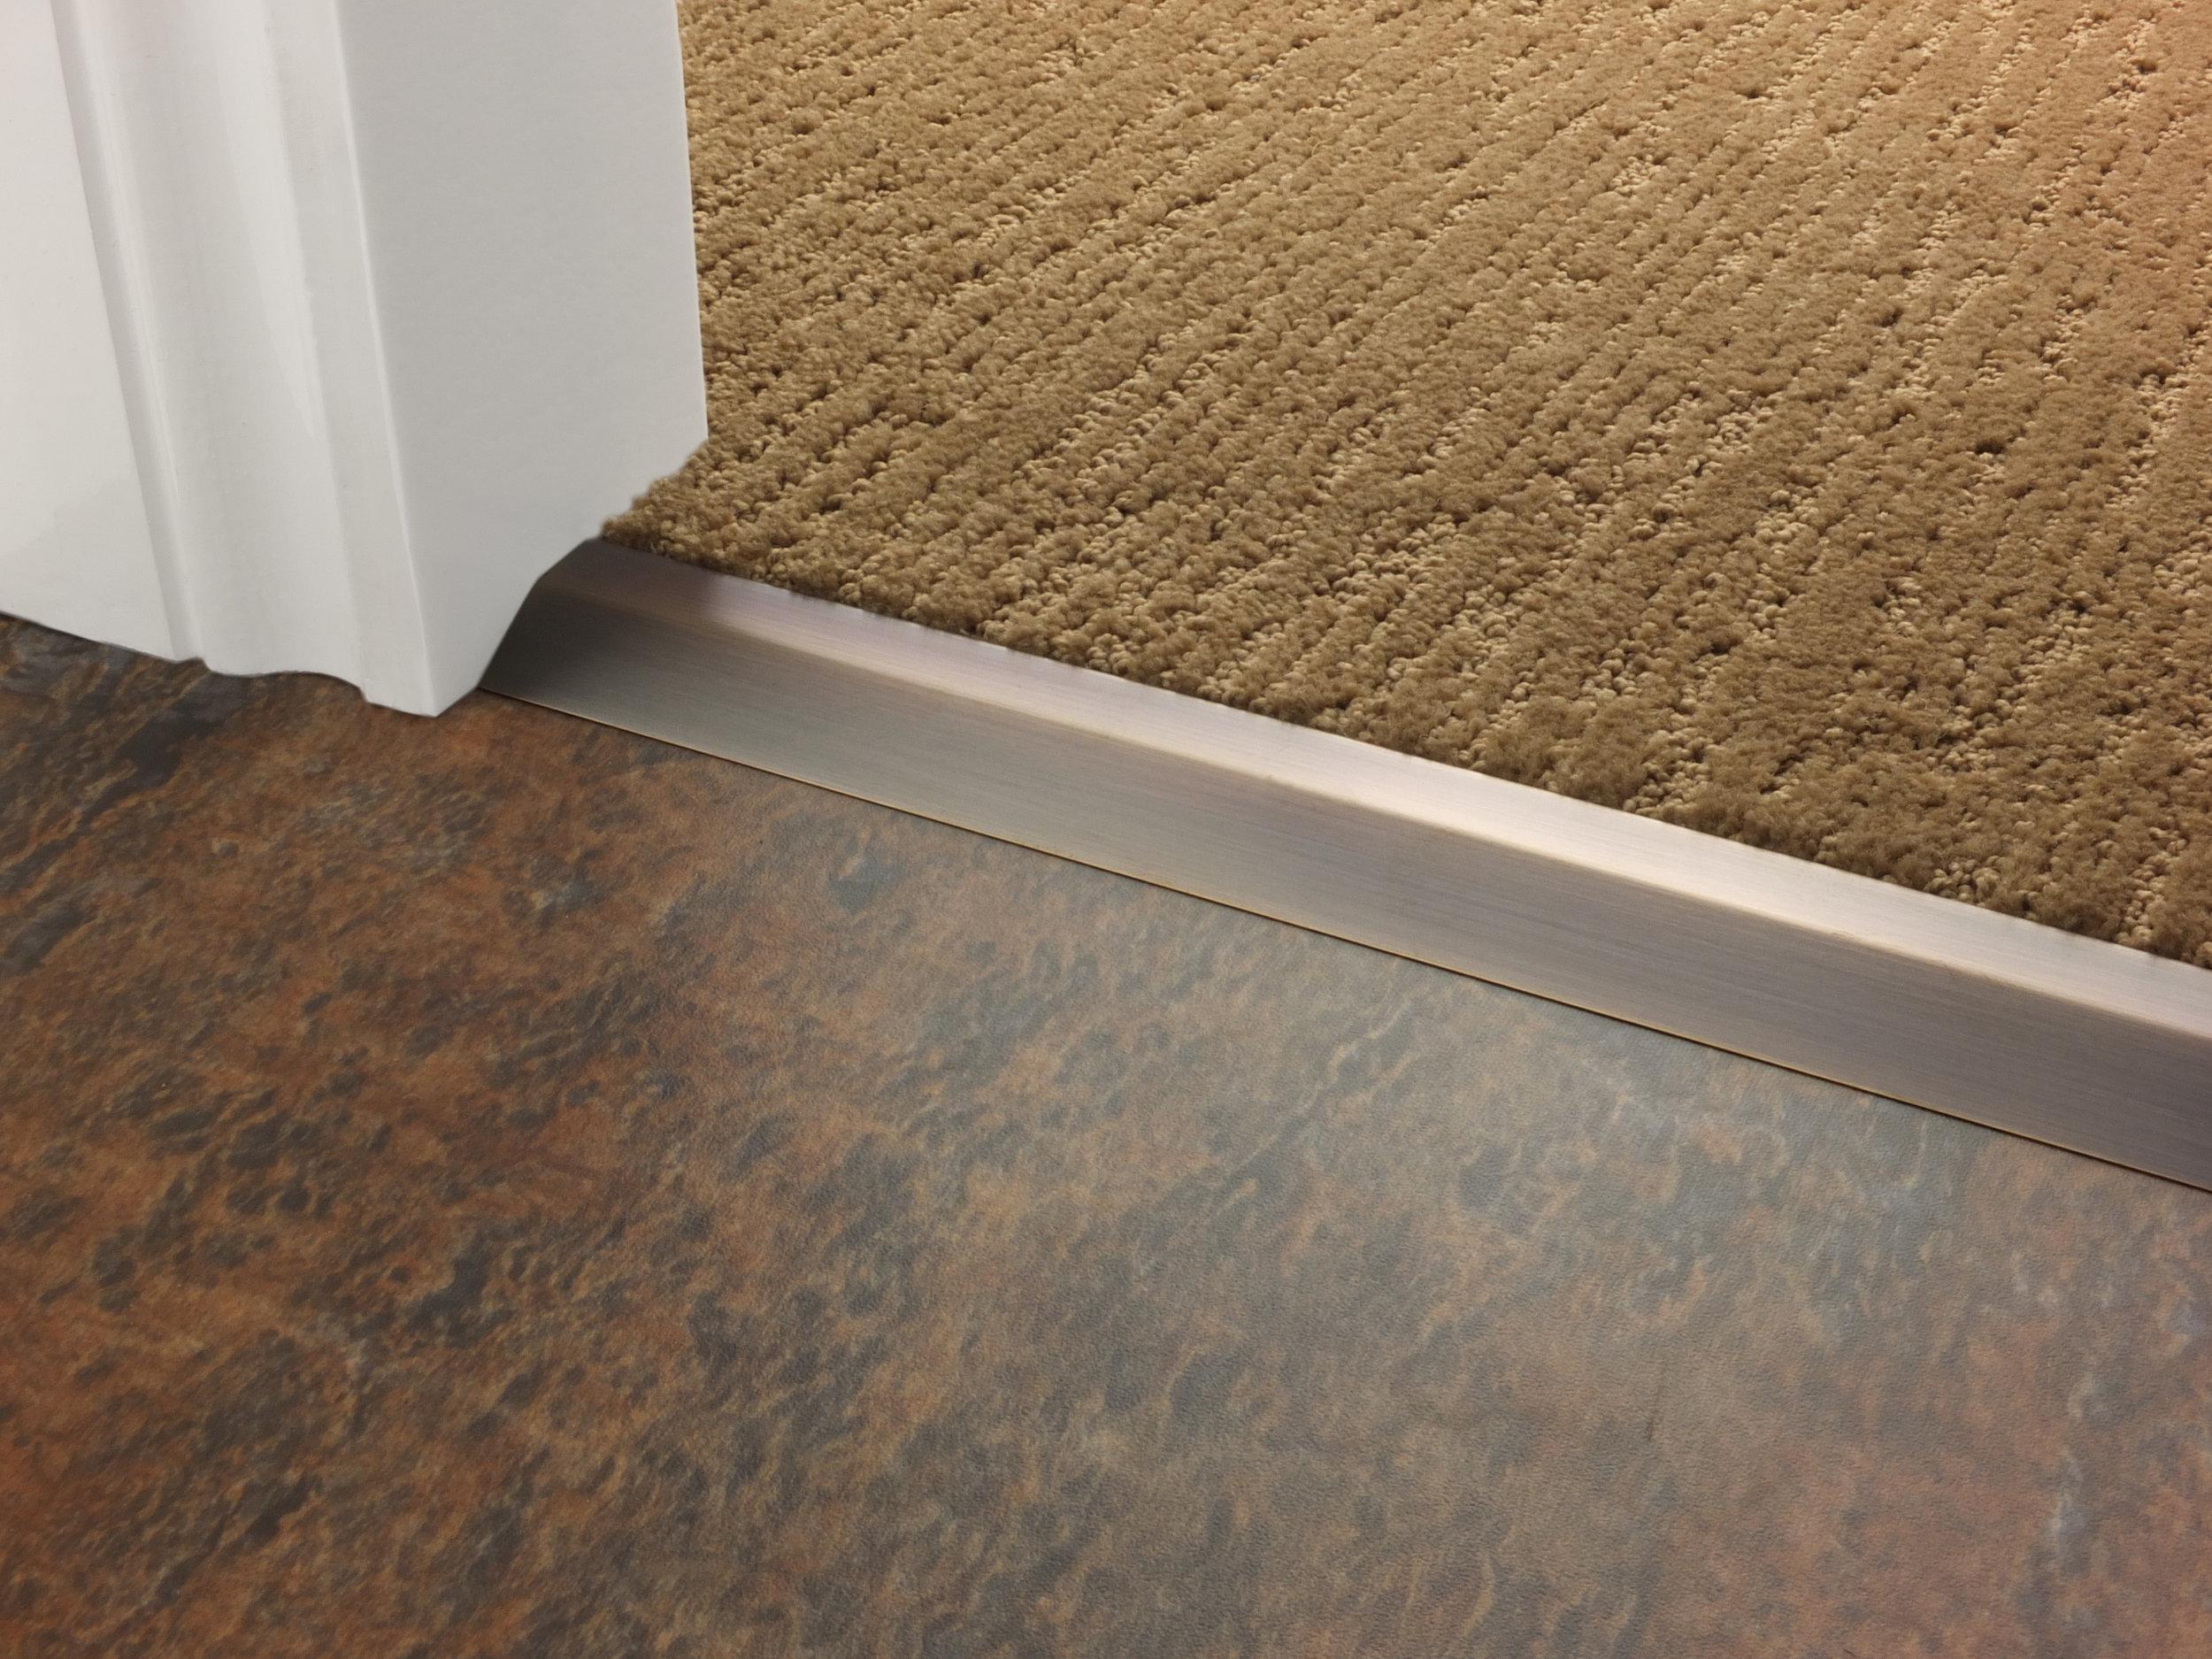 stairrods-doorbar-bronze-compression-ramp-8mm-LHF.jpg